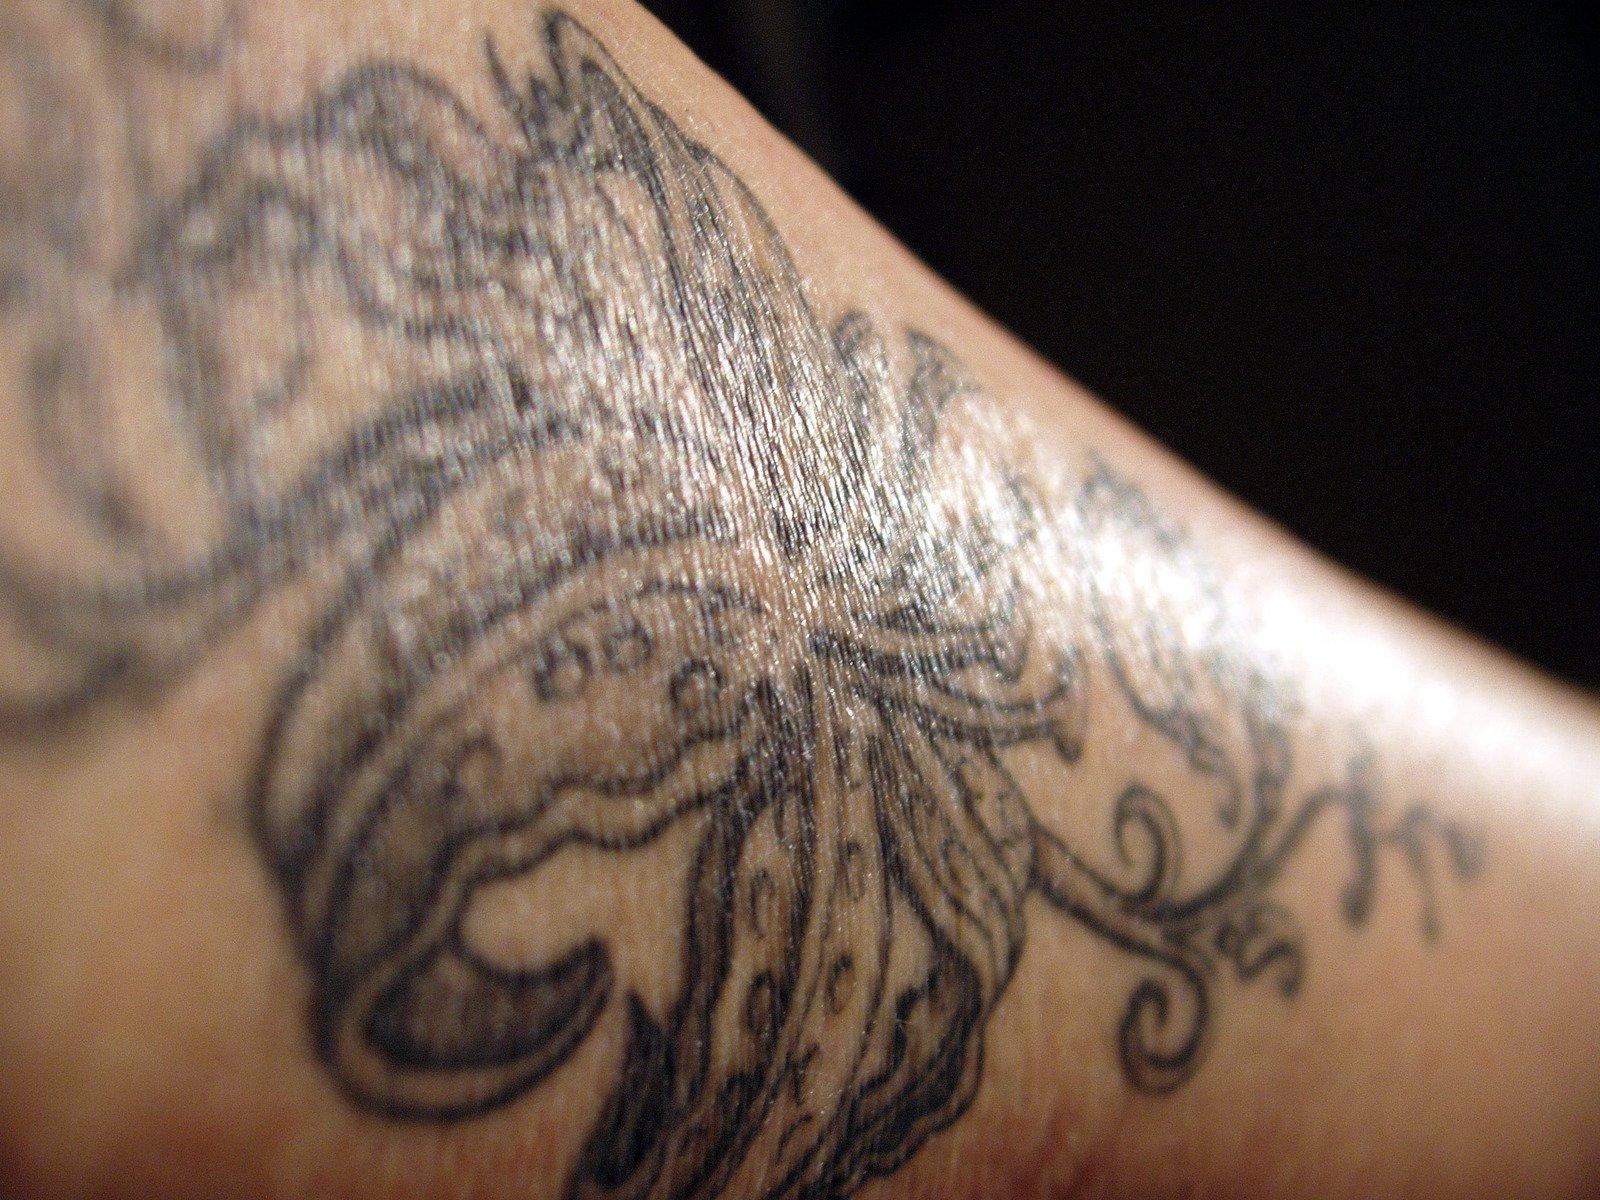 Brothers bærbare printere er uundværlige for tatovører